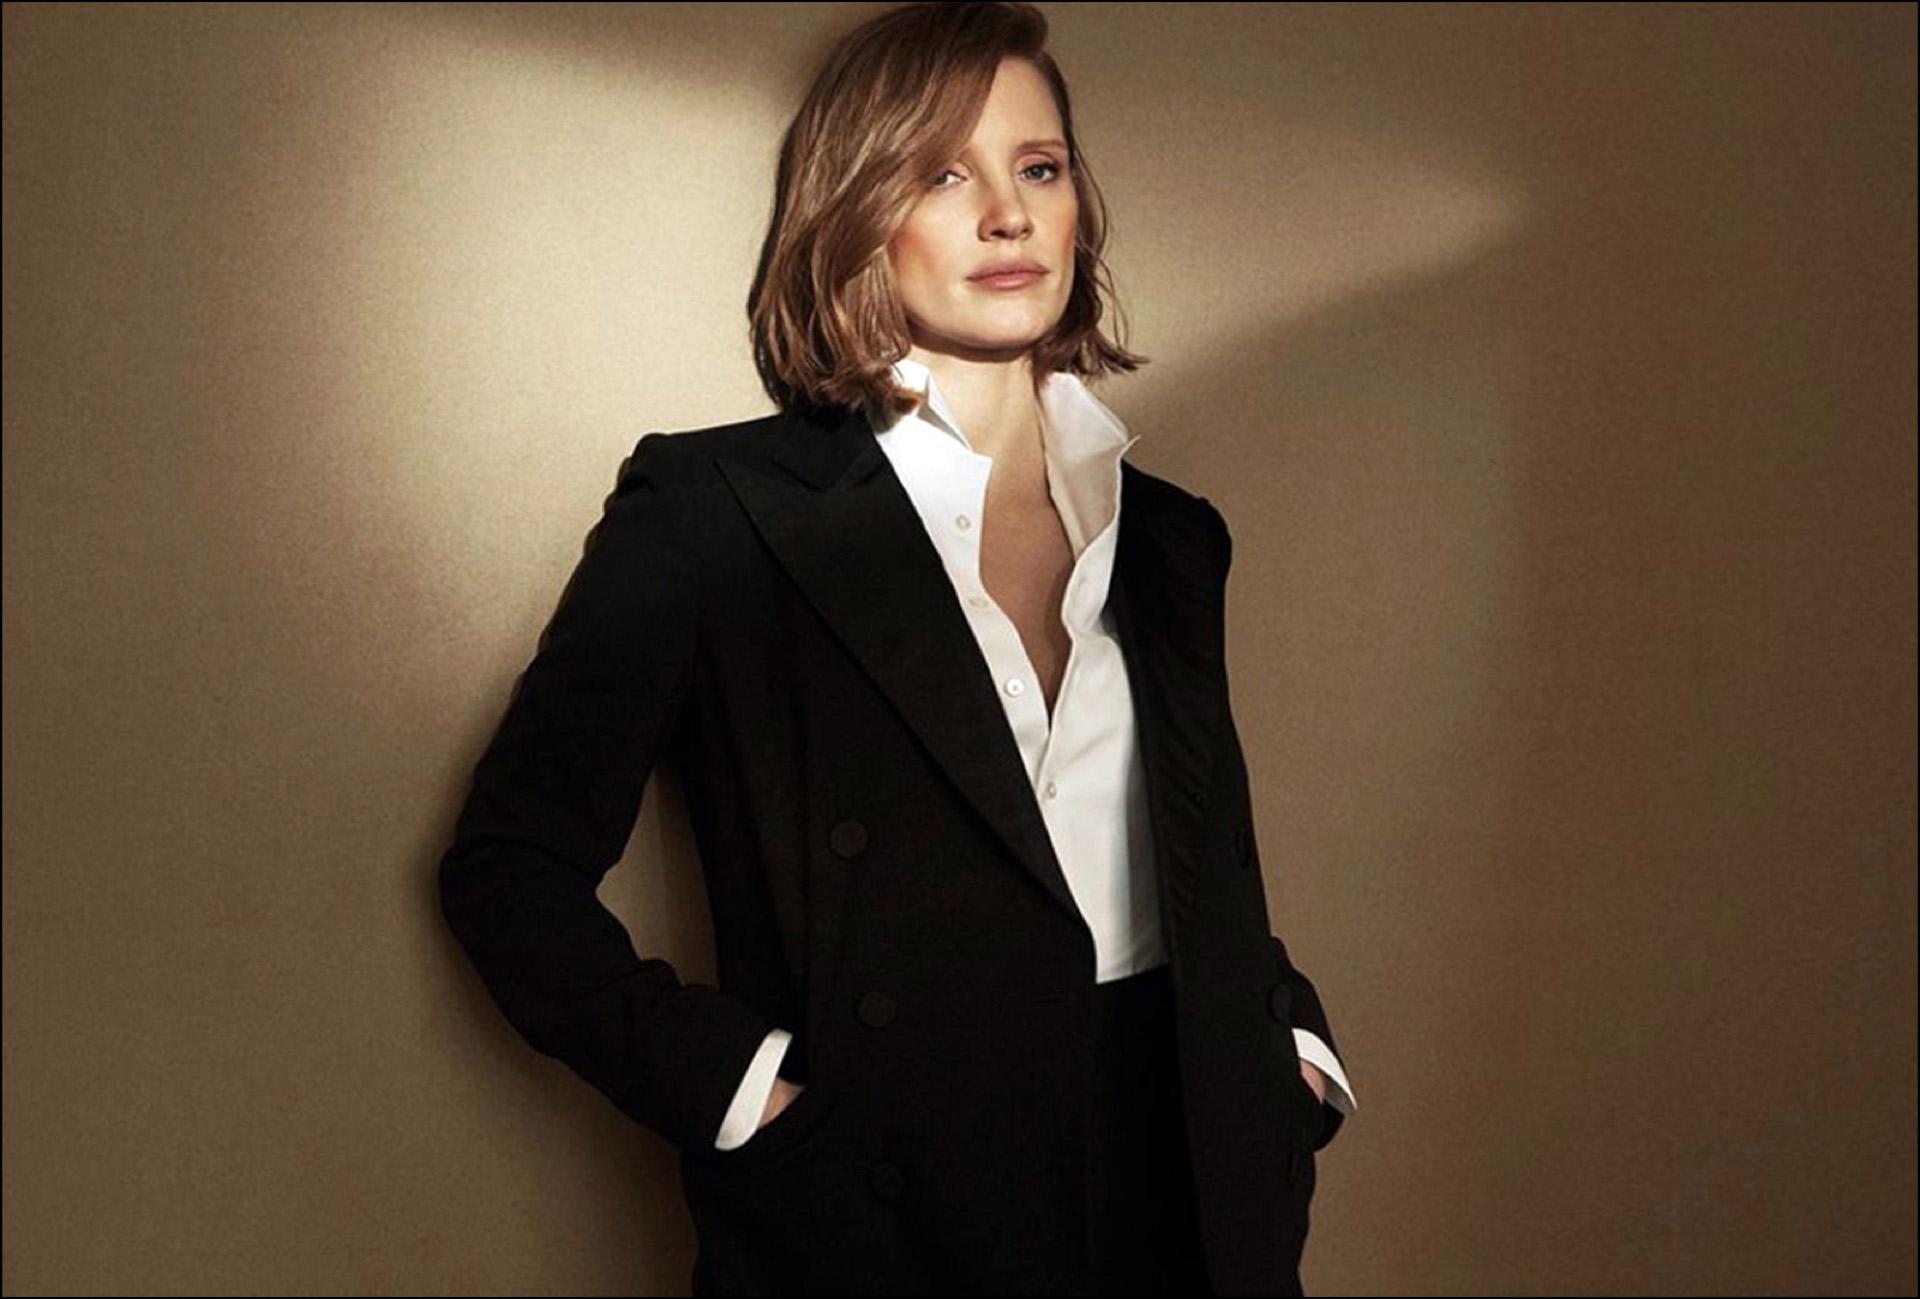 Jessica Chastain, en traje, para la campaña del nuevo perfume de Ralph Lauren.